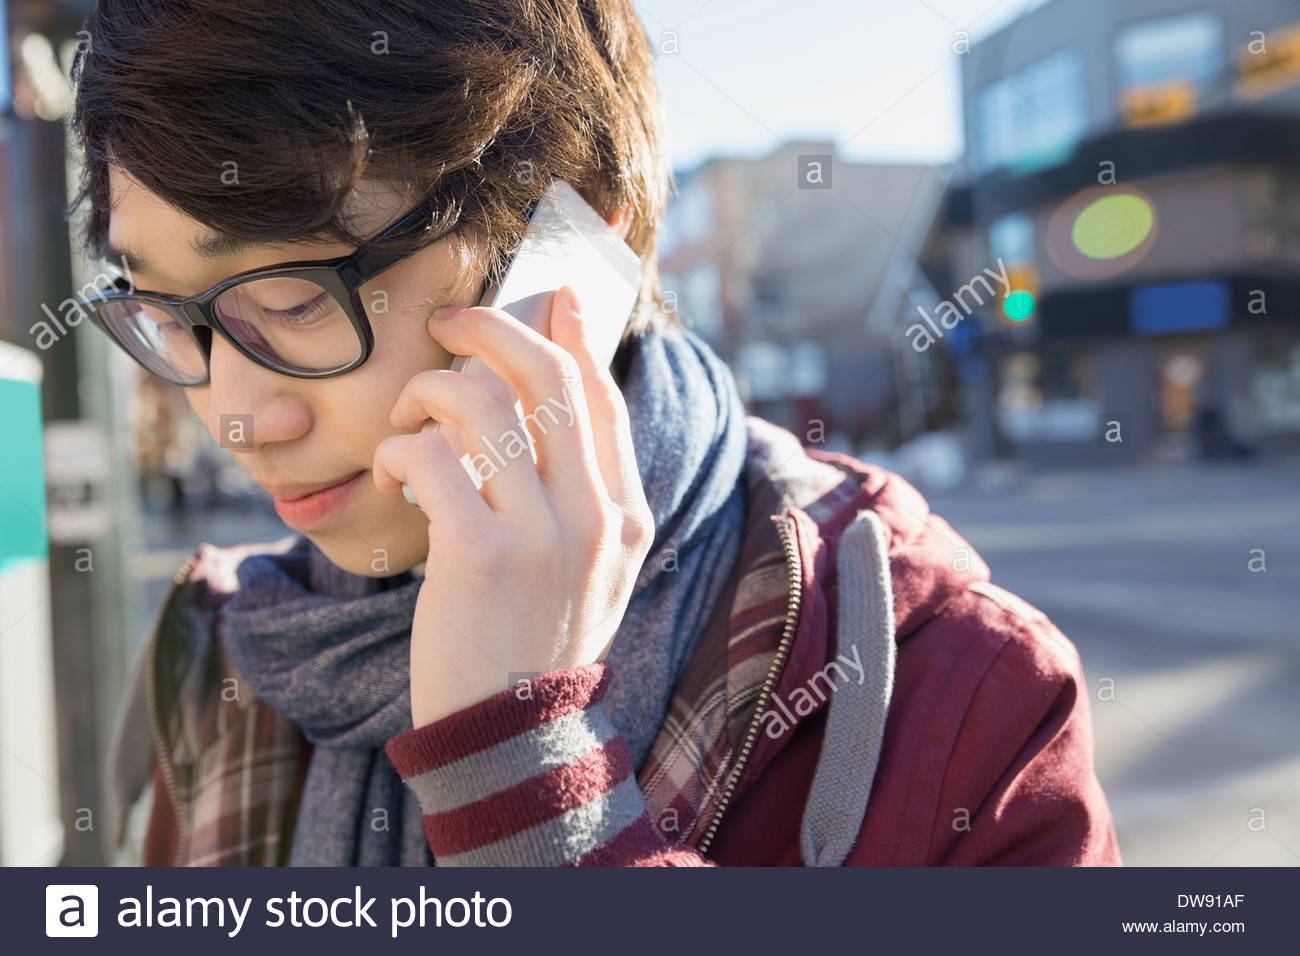 Joven hablando por teléfono inteligente al aire libre Imagen De Stock